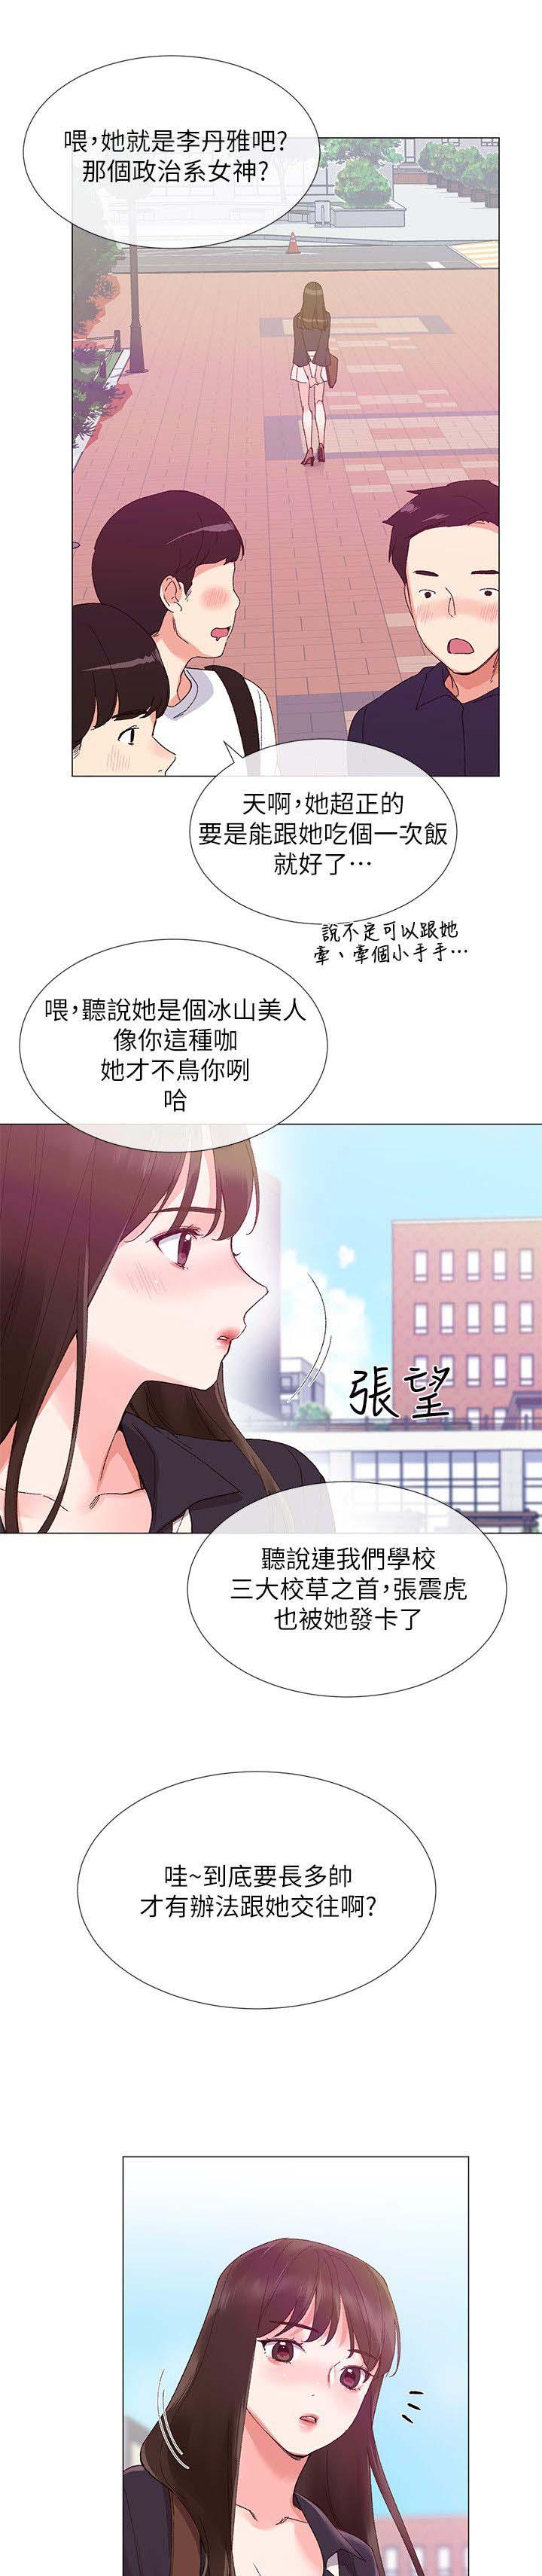 「全彩韩漫」落榜生第1-22话全集-萌宅社 一个ACG资源基地、绅士之家Σ(゜ロ゜;)